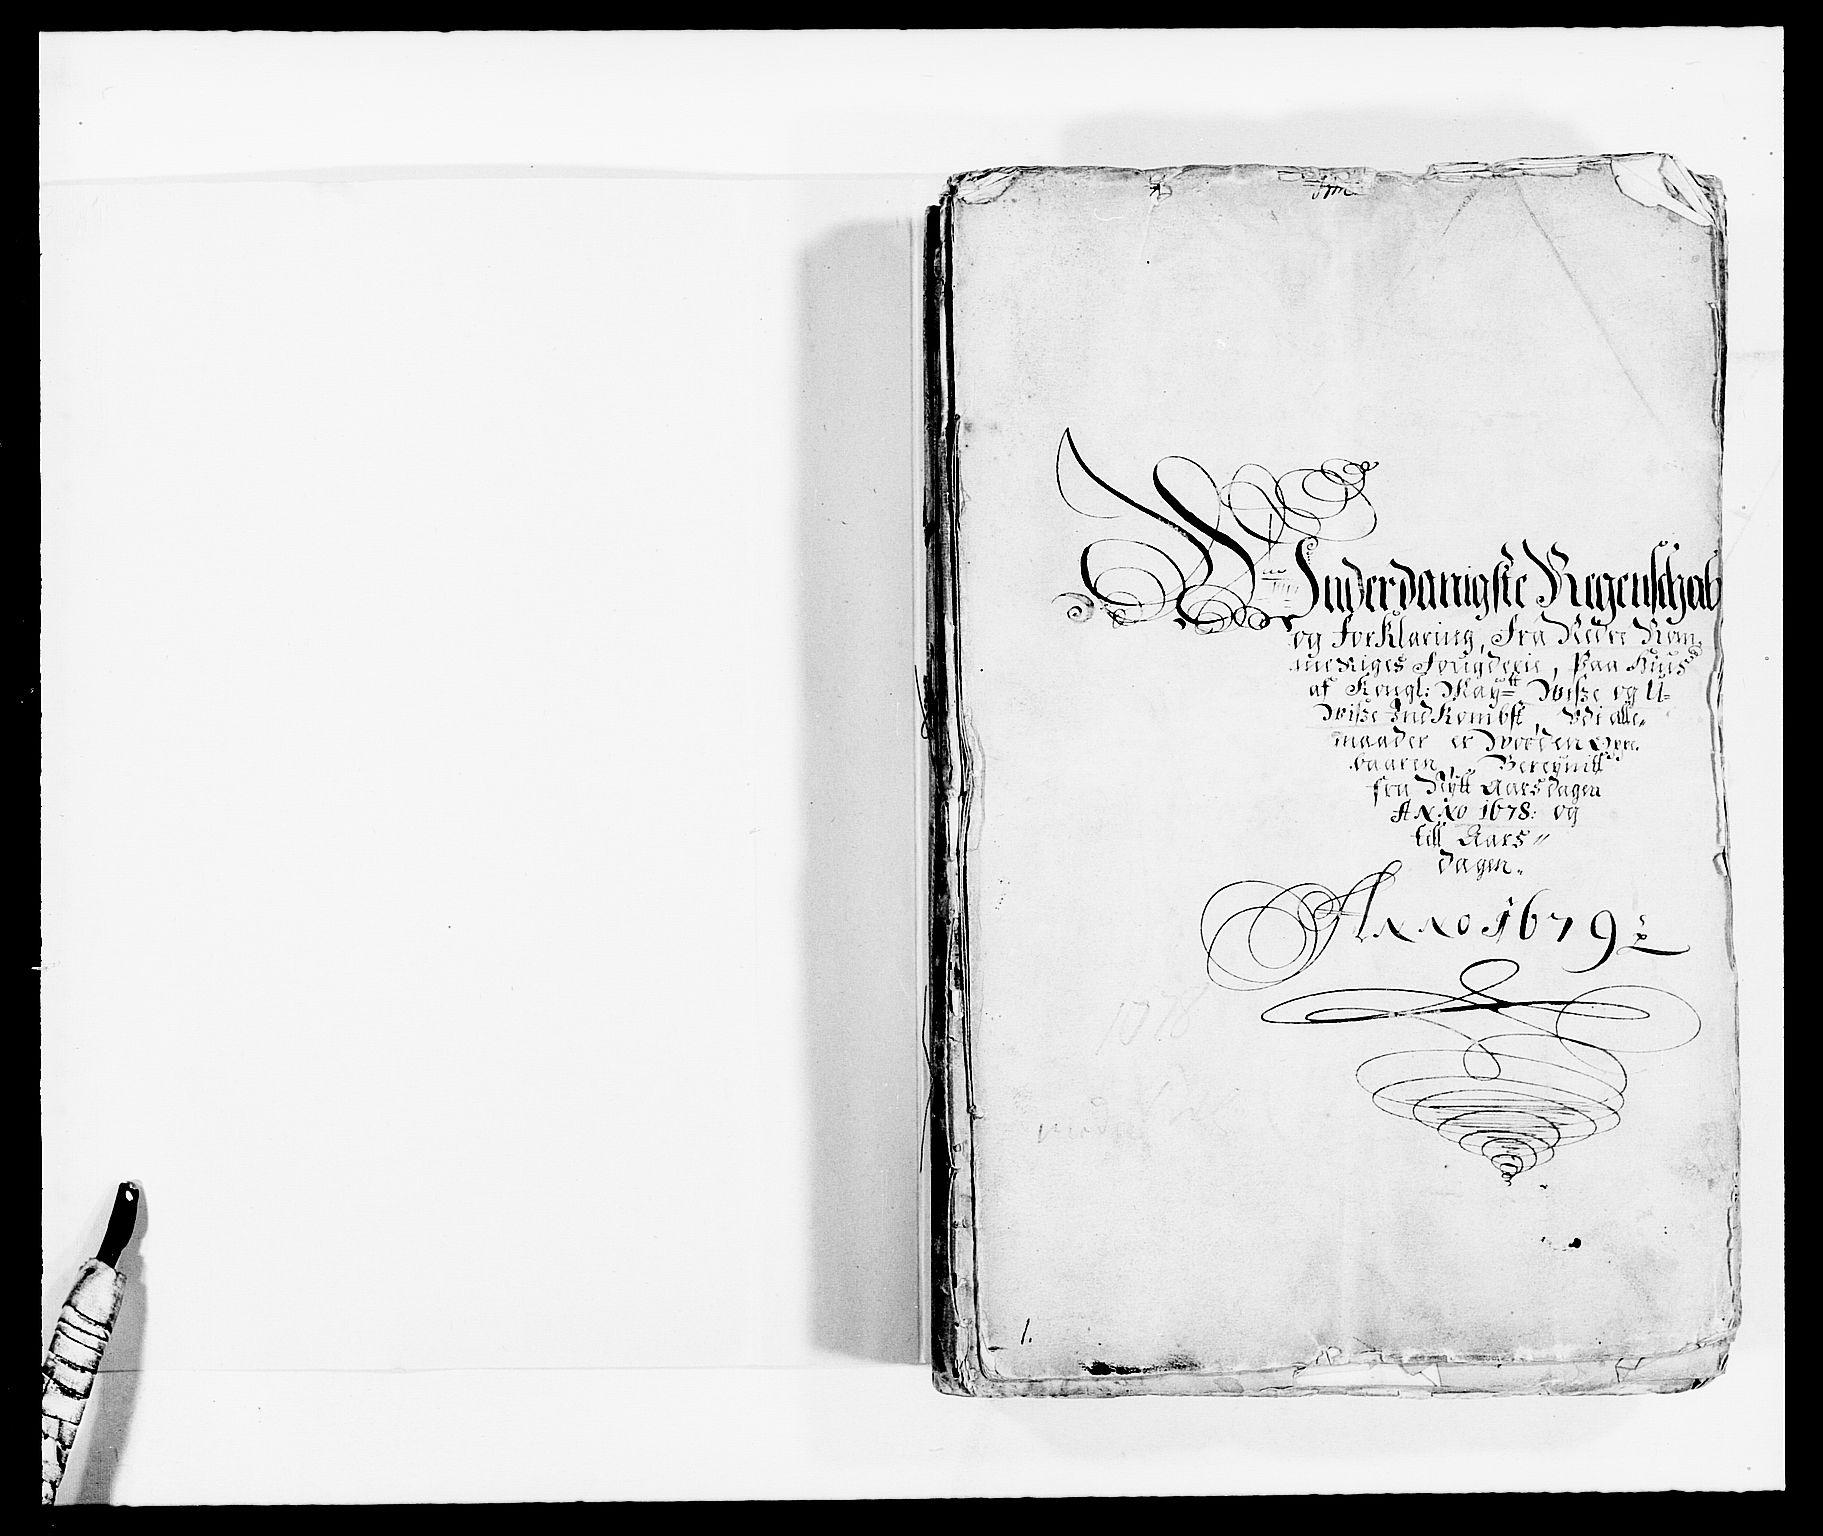 RA, Rentekammeret inntil 1814, Reviderte regnskaper, Fogderegnskap, R11/L0567: Fogderegnskap Nedre Romerike, 1678, s. 2